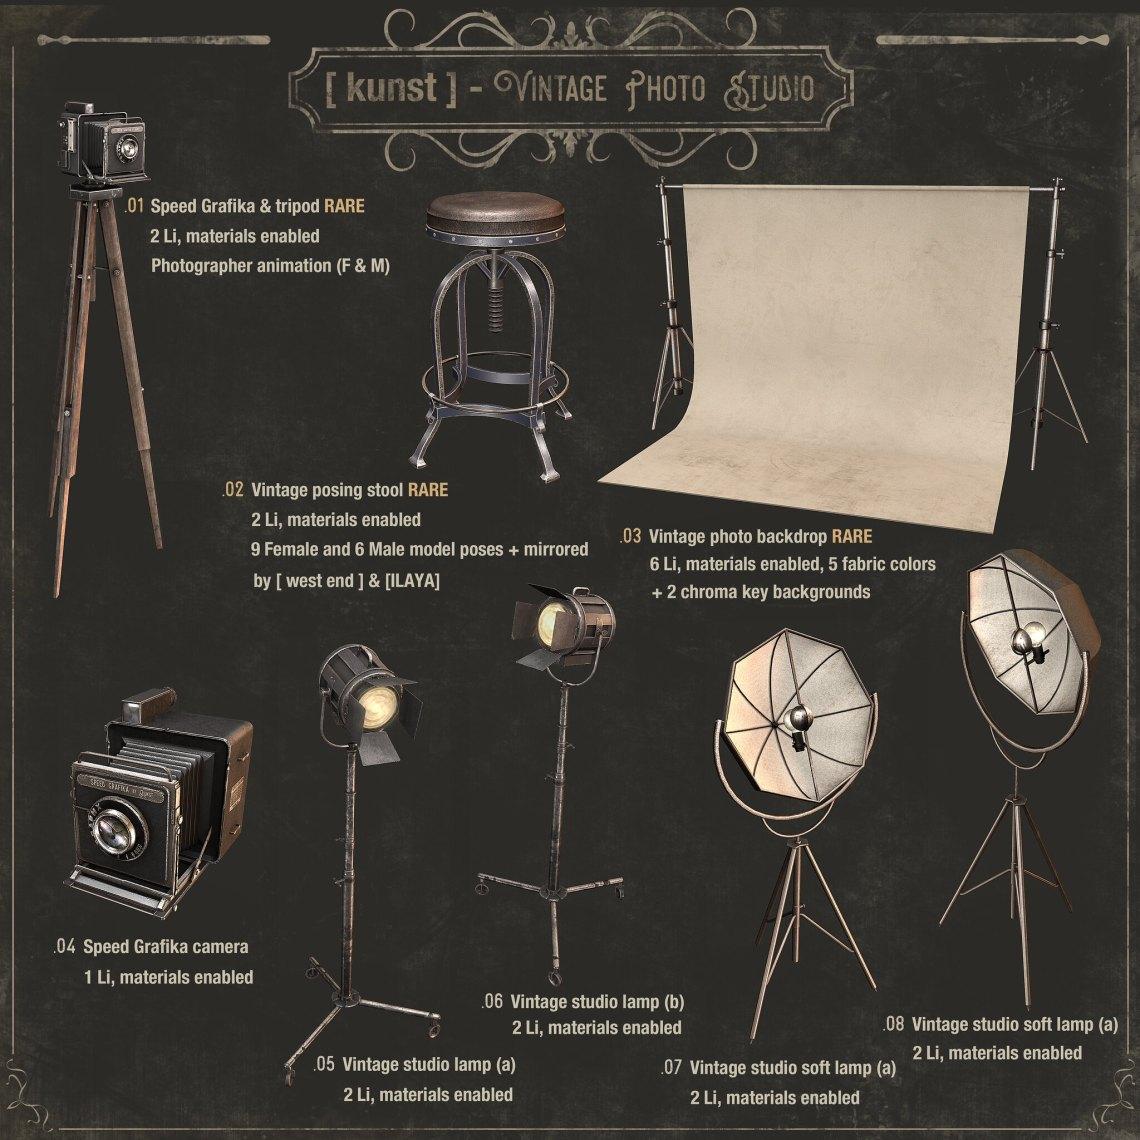 [ kunst ] - Vintage Photo Studio